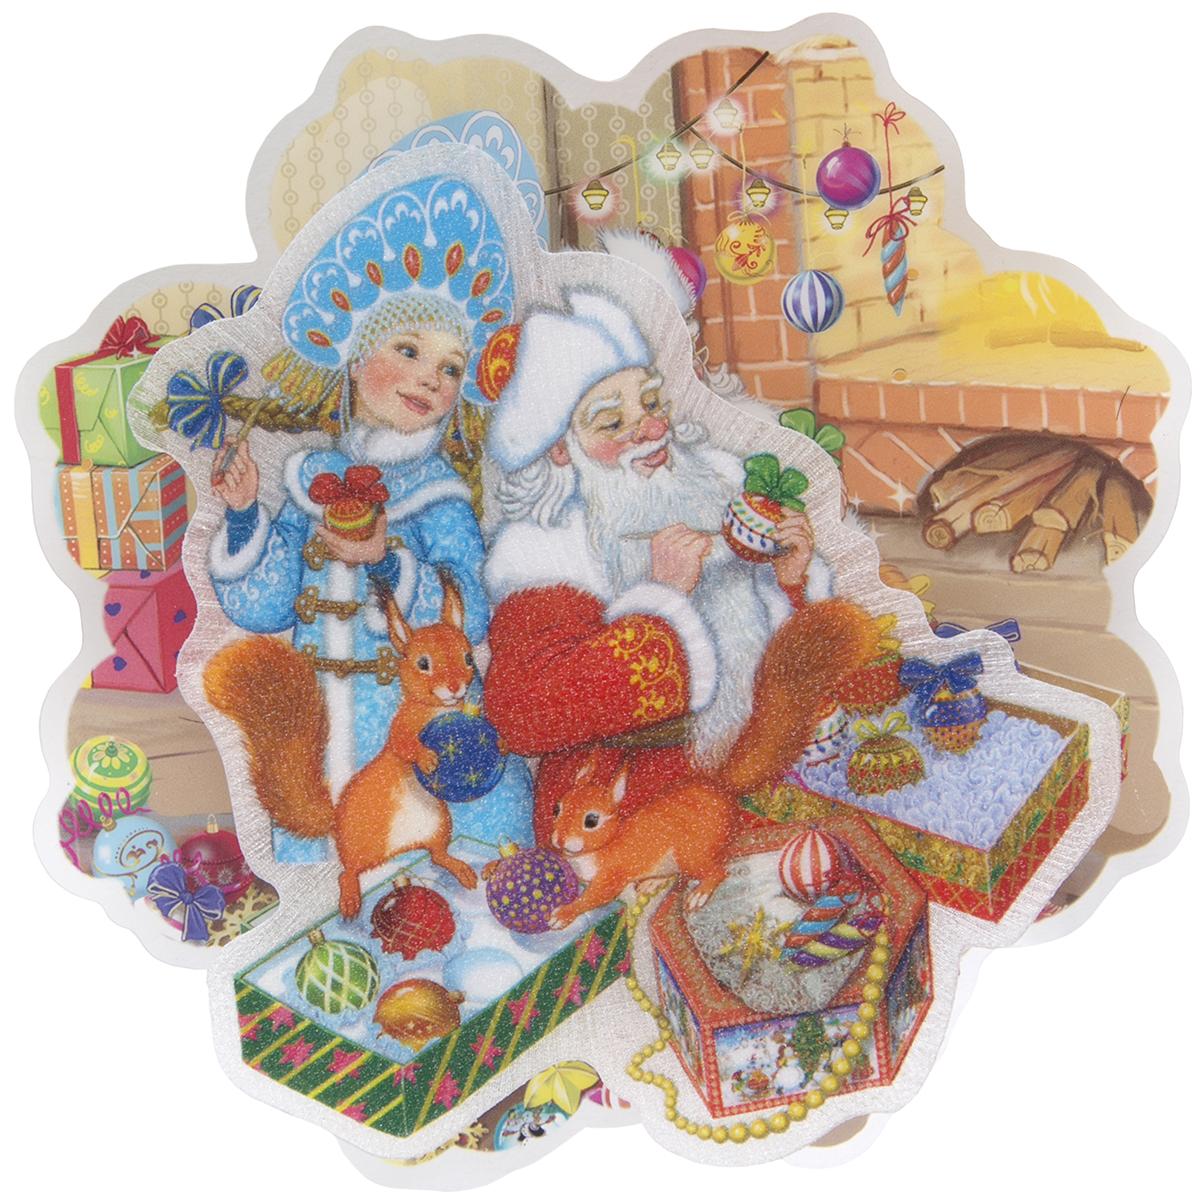 Днем рождения, картинки мастерская деда мороза